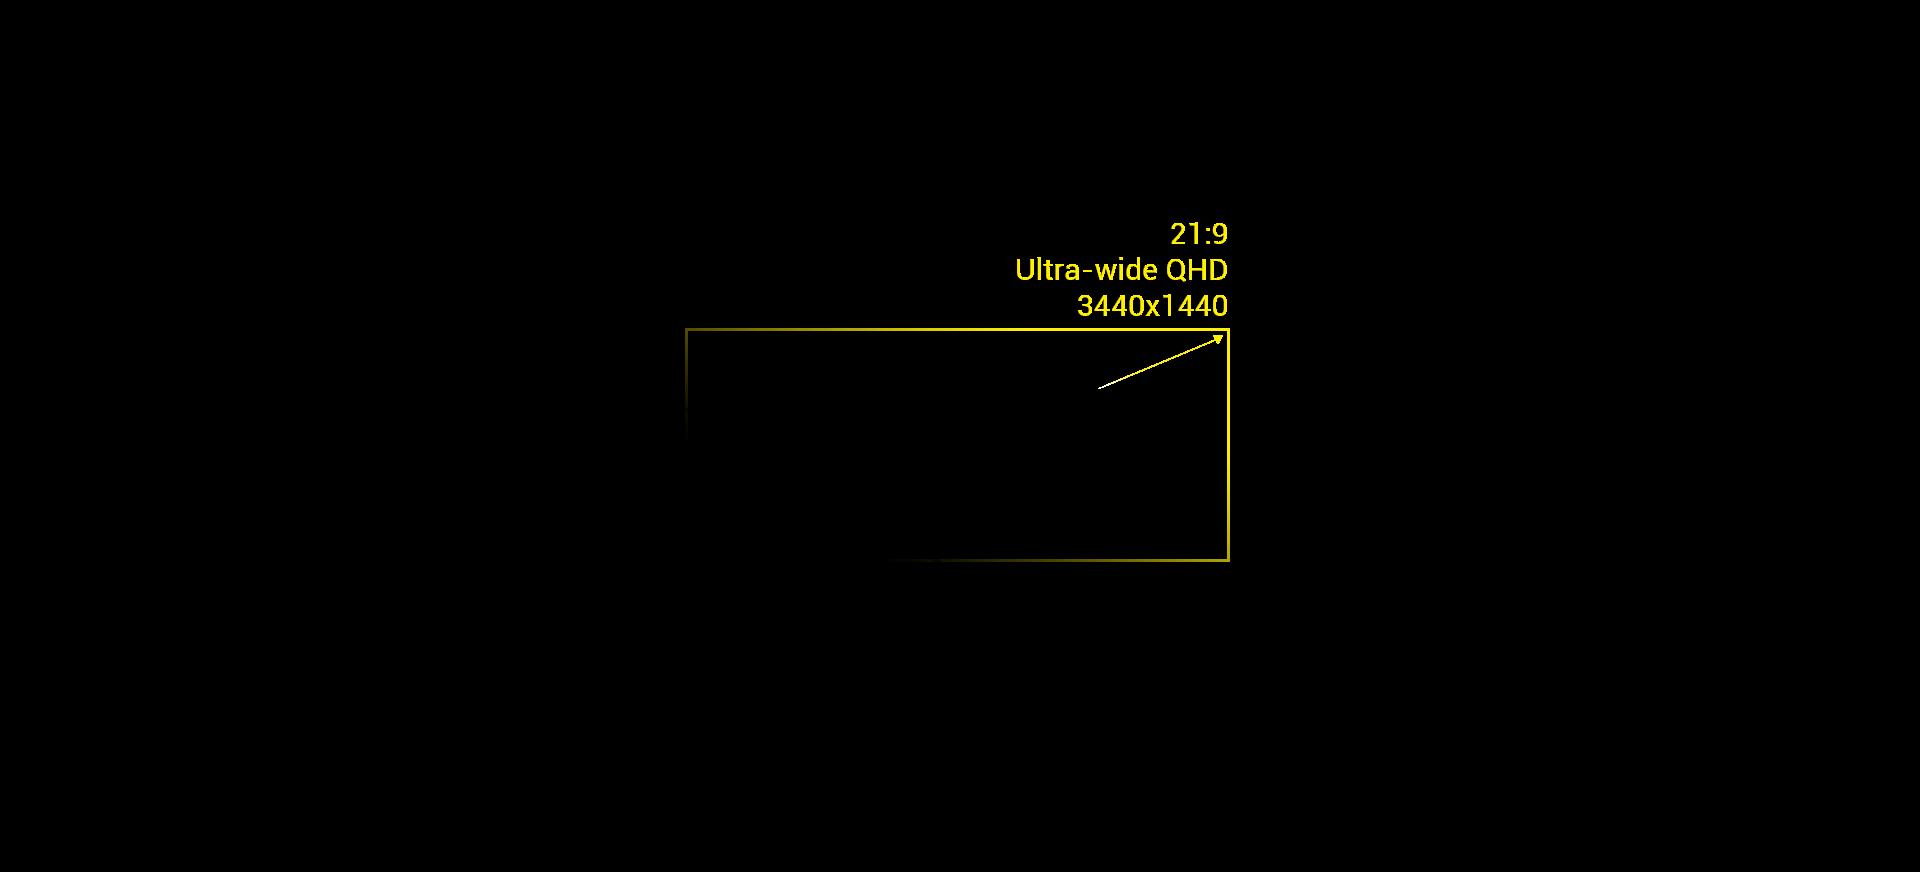 Ultra-wide